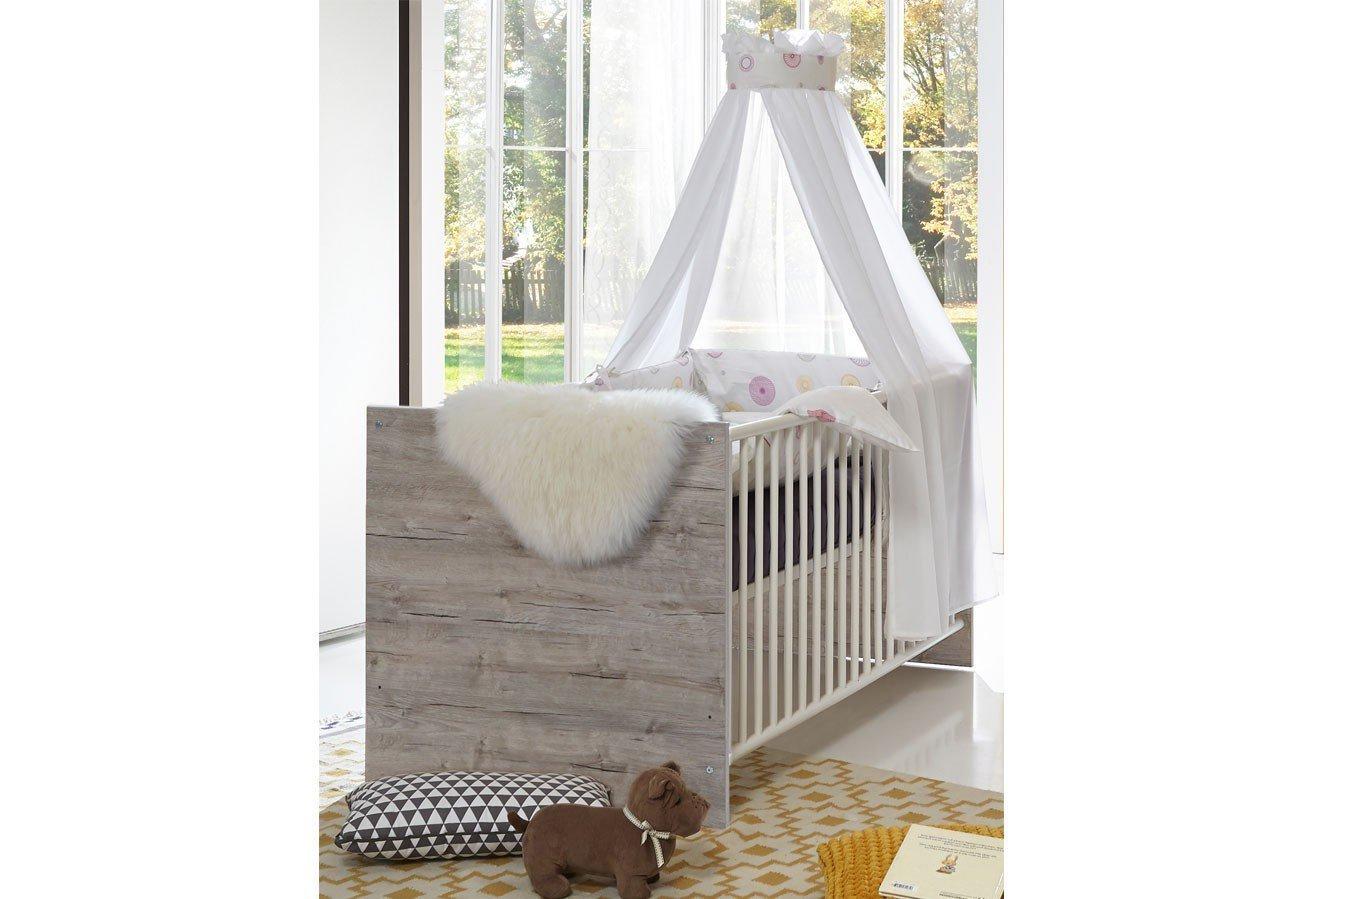 Arthur berndt franzi babyzimmer sandeiche wei m bel letz ihr online shop - Arthur berndt babyzimmer ...